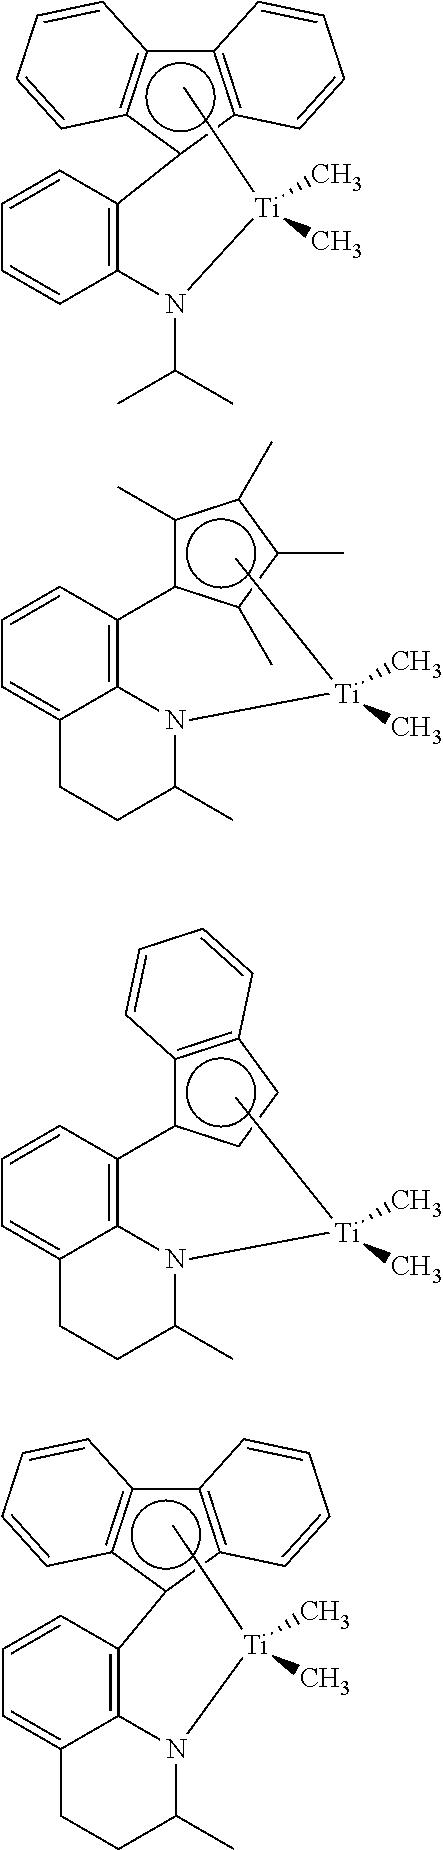 Figure US09120836-20150901-C00041